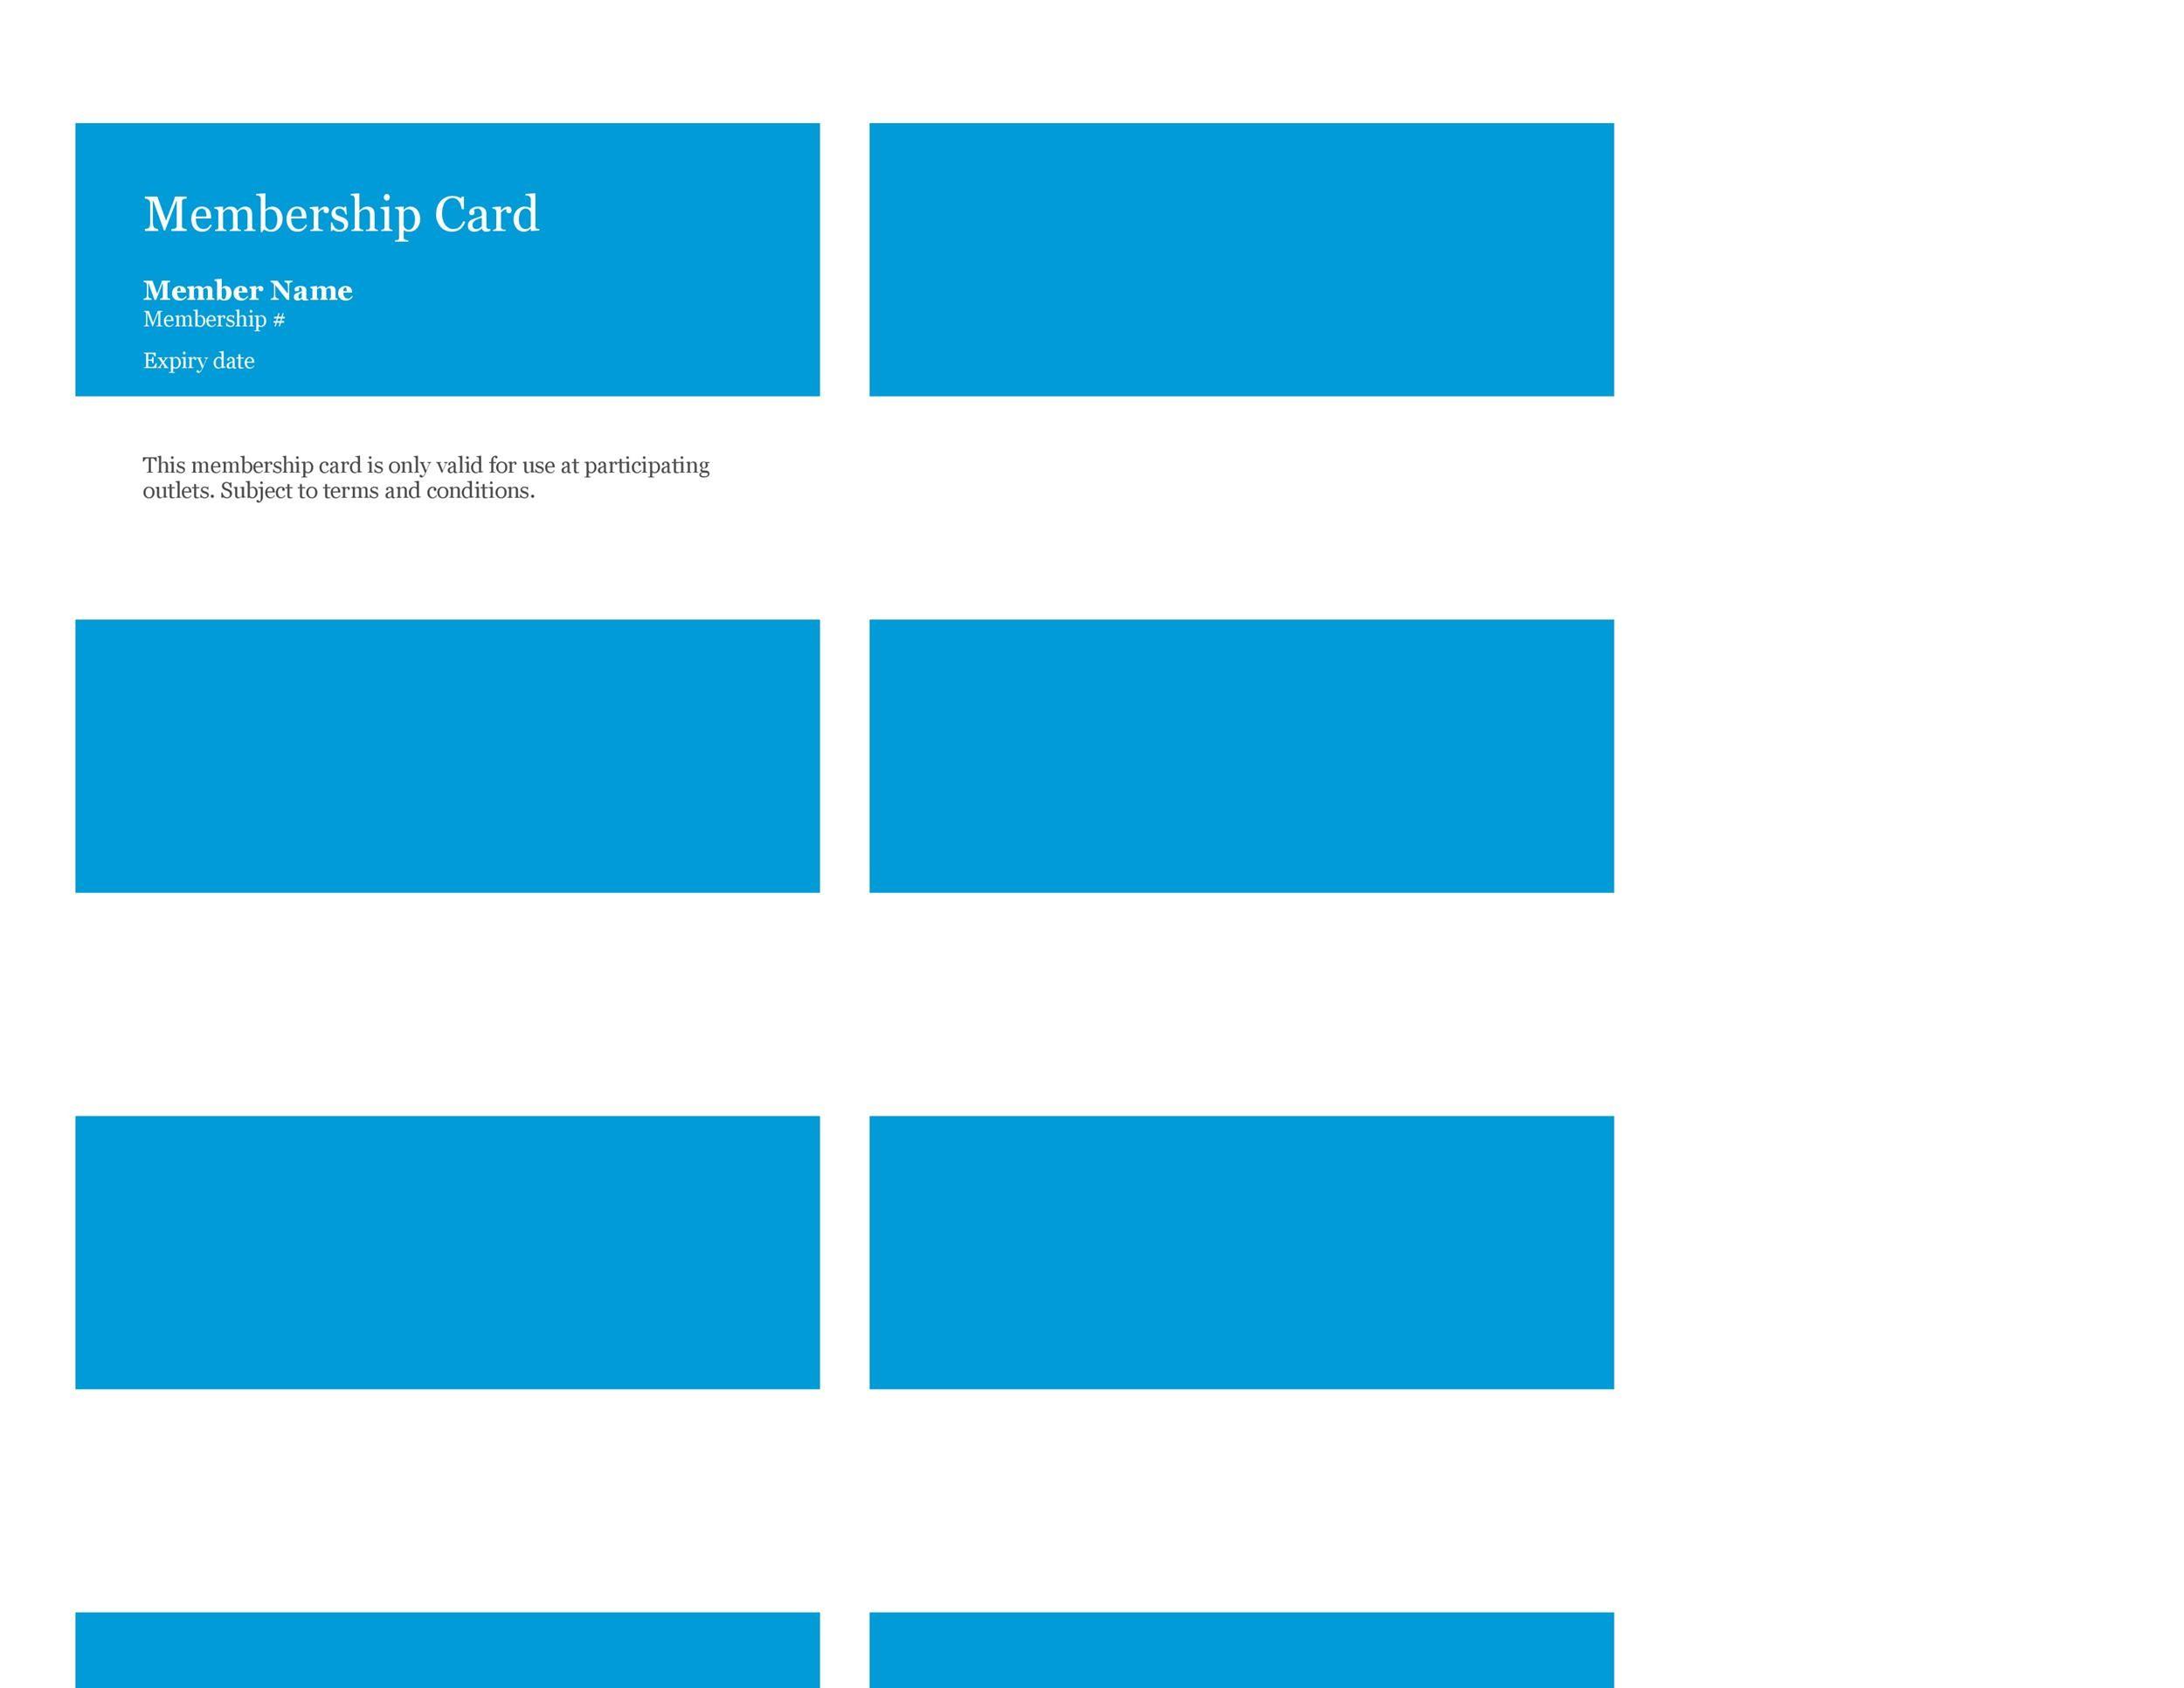 Free Membership Card Design Template 23